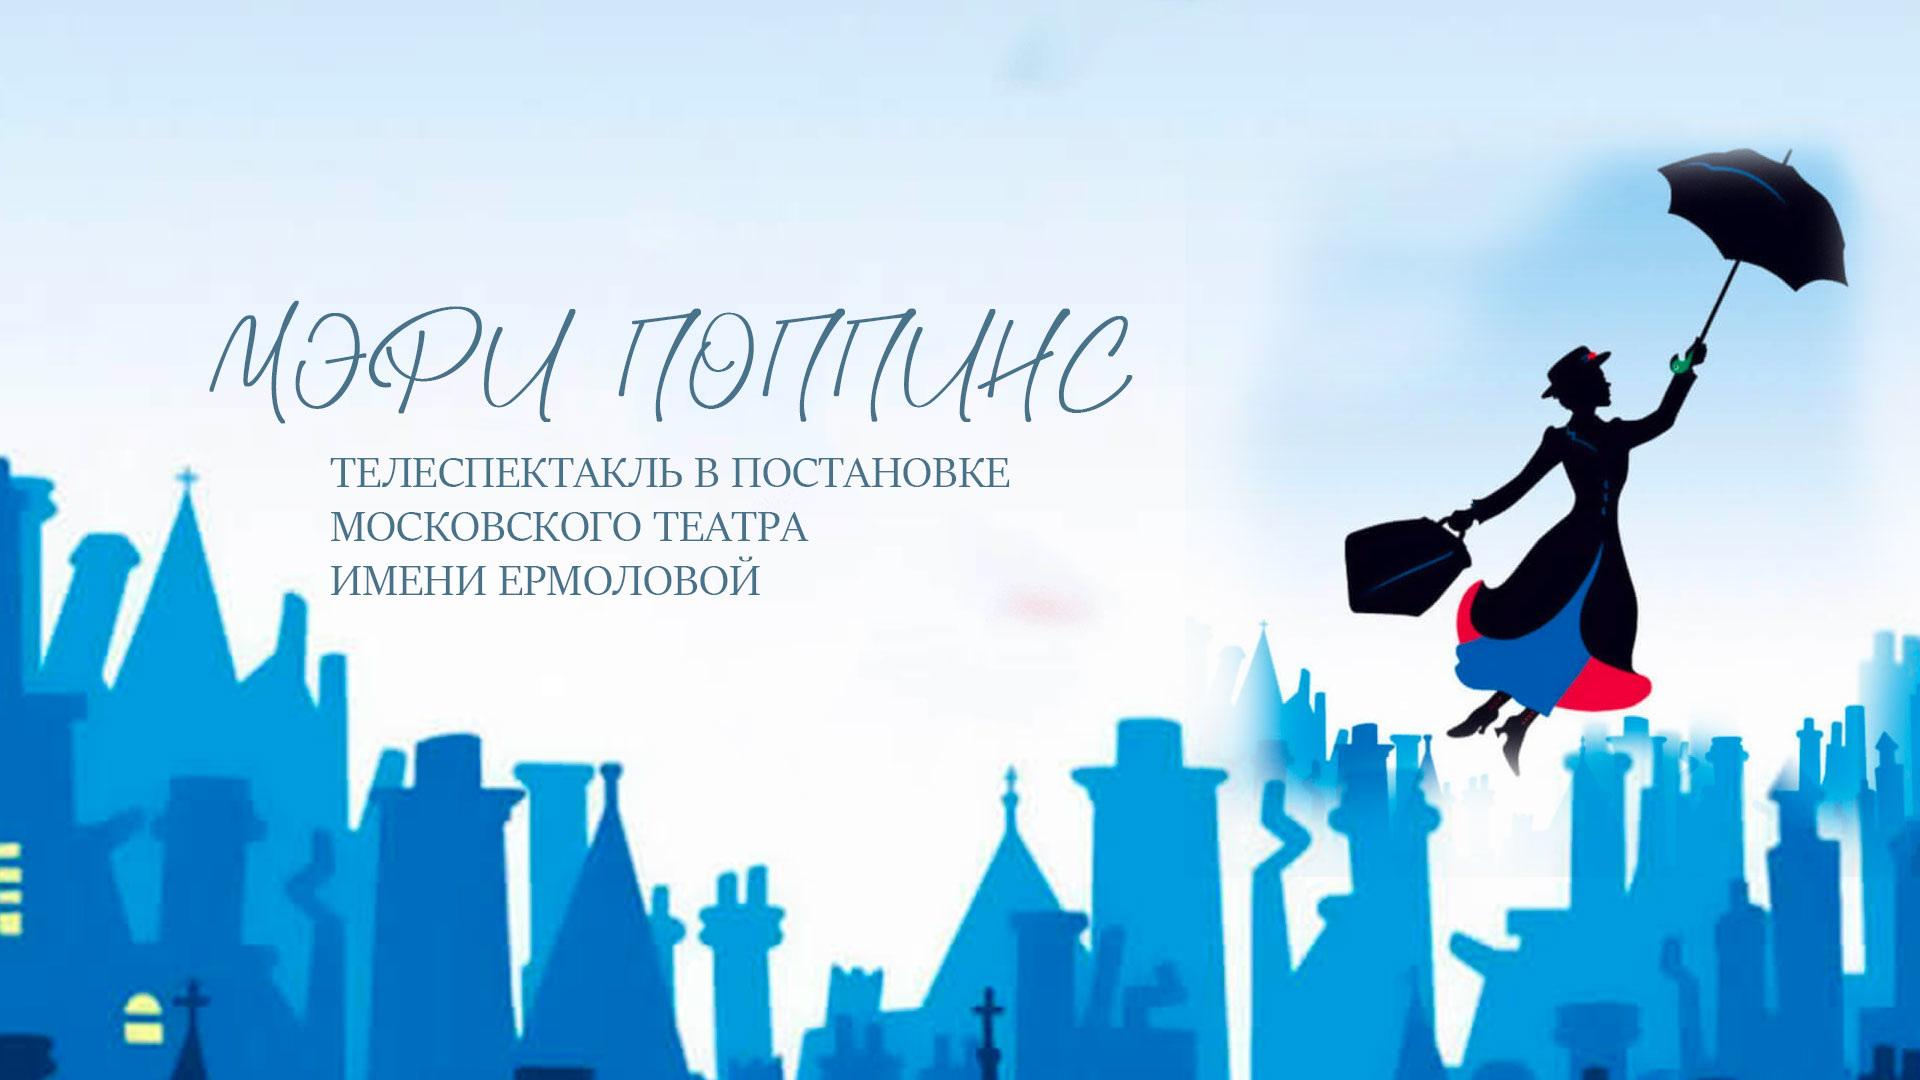 Мэри Поппинс. Телеспектакль в постановке Московского театра имени Ермоловой